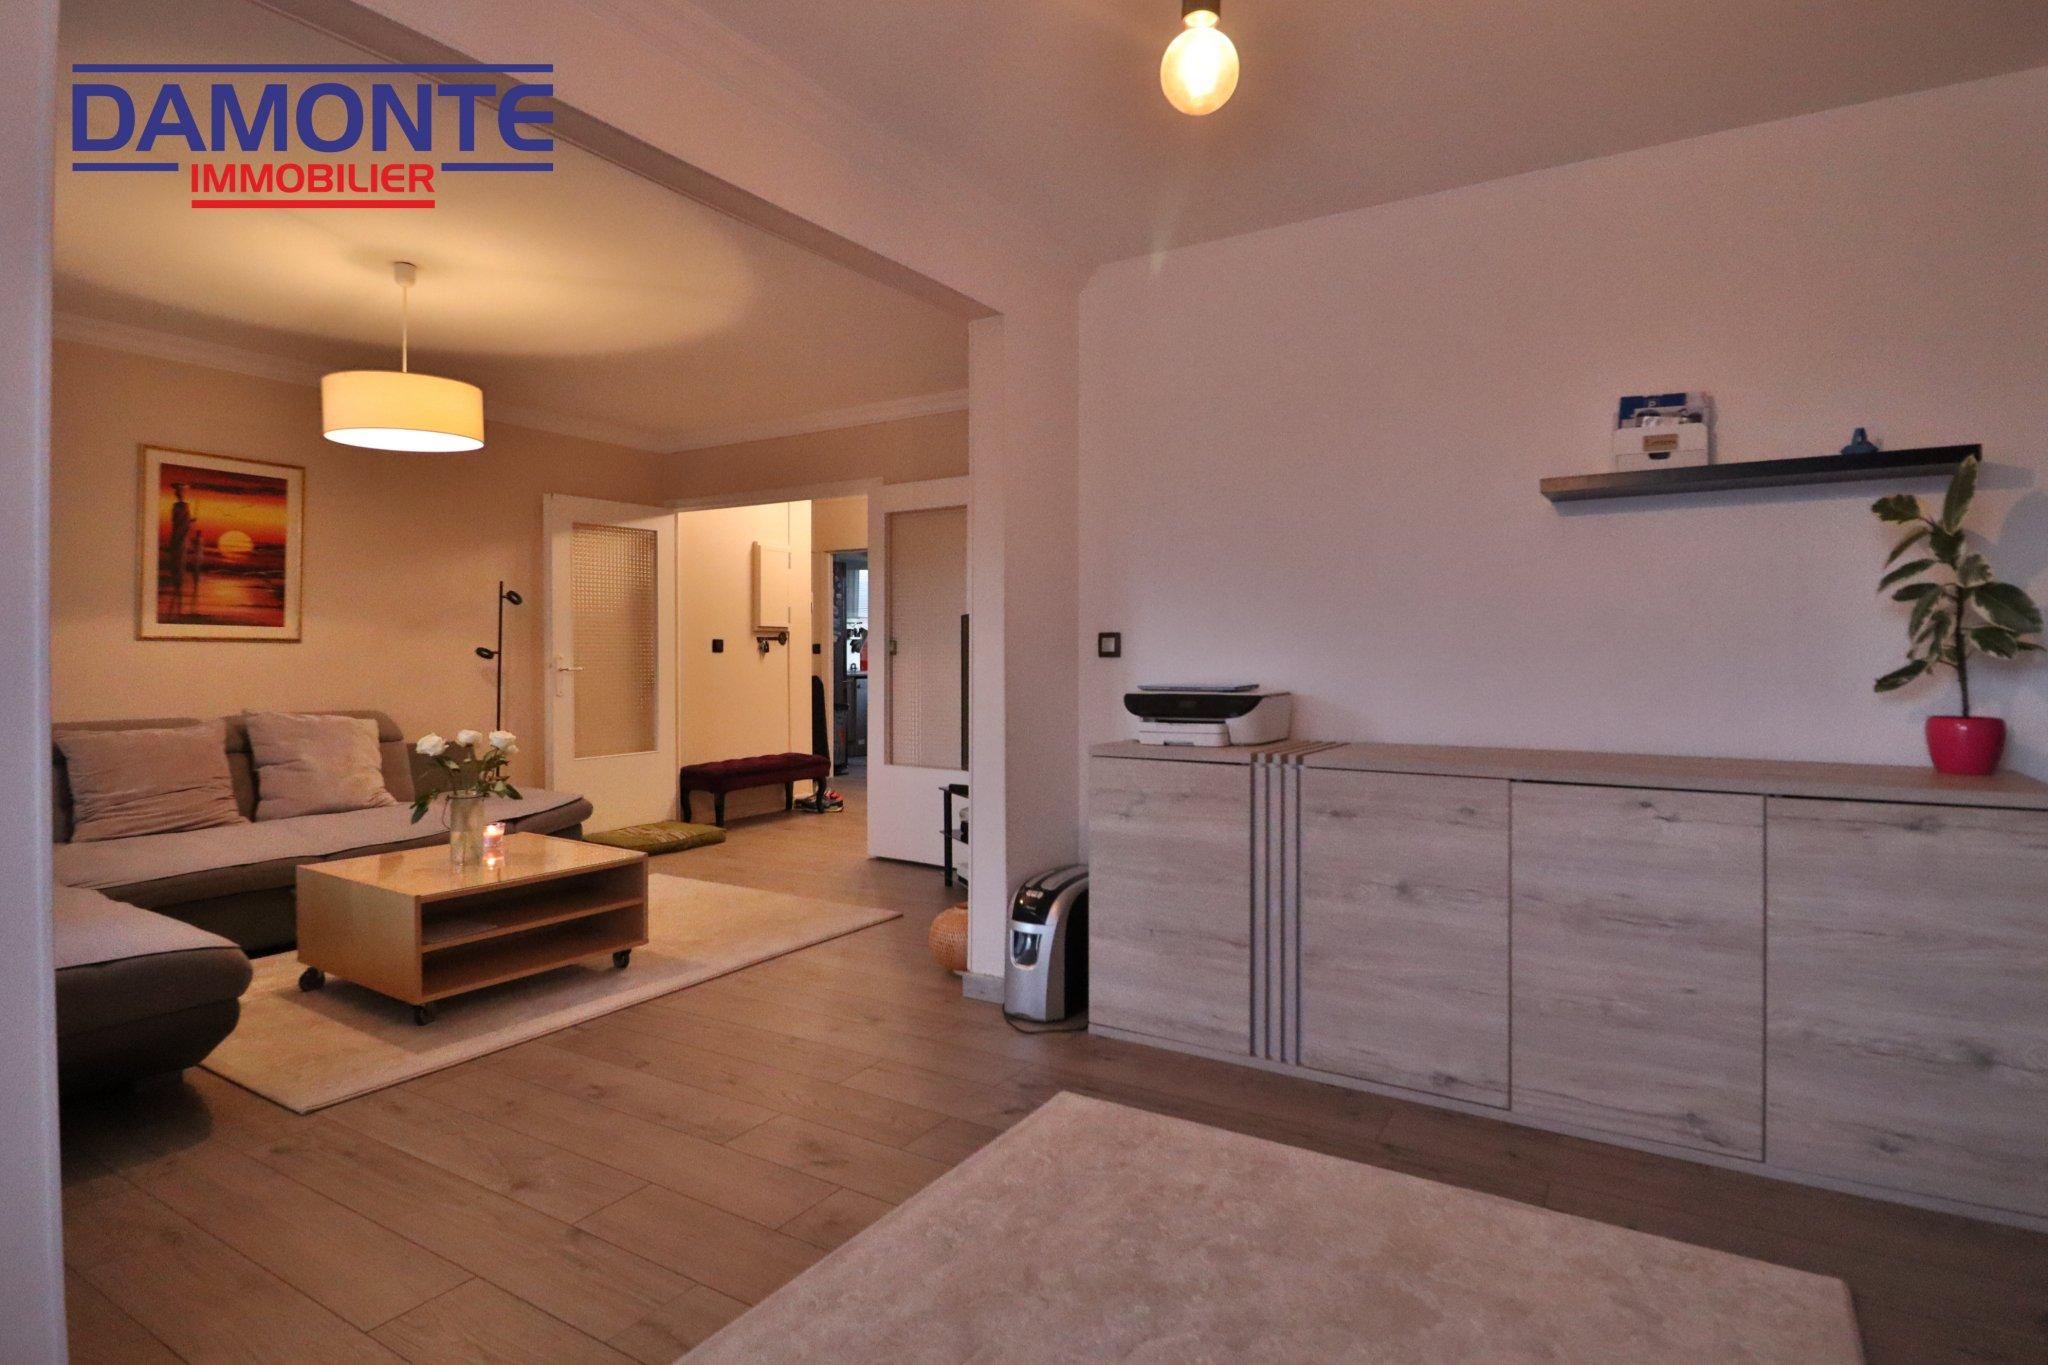 Damonte Achat appartement - Réf n° 1_19274